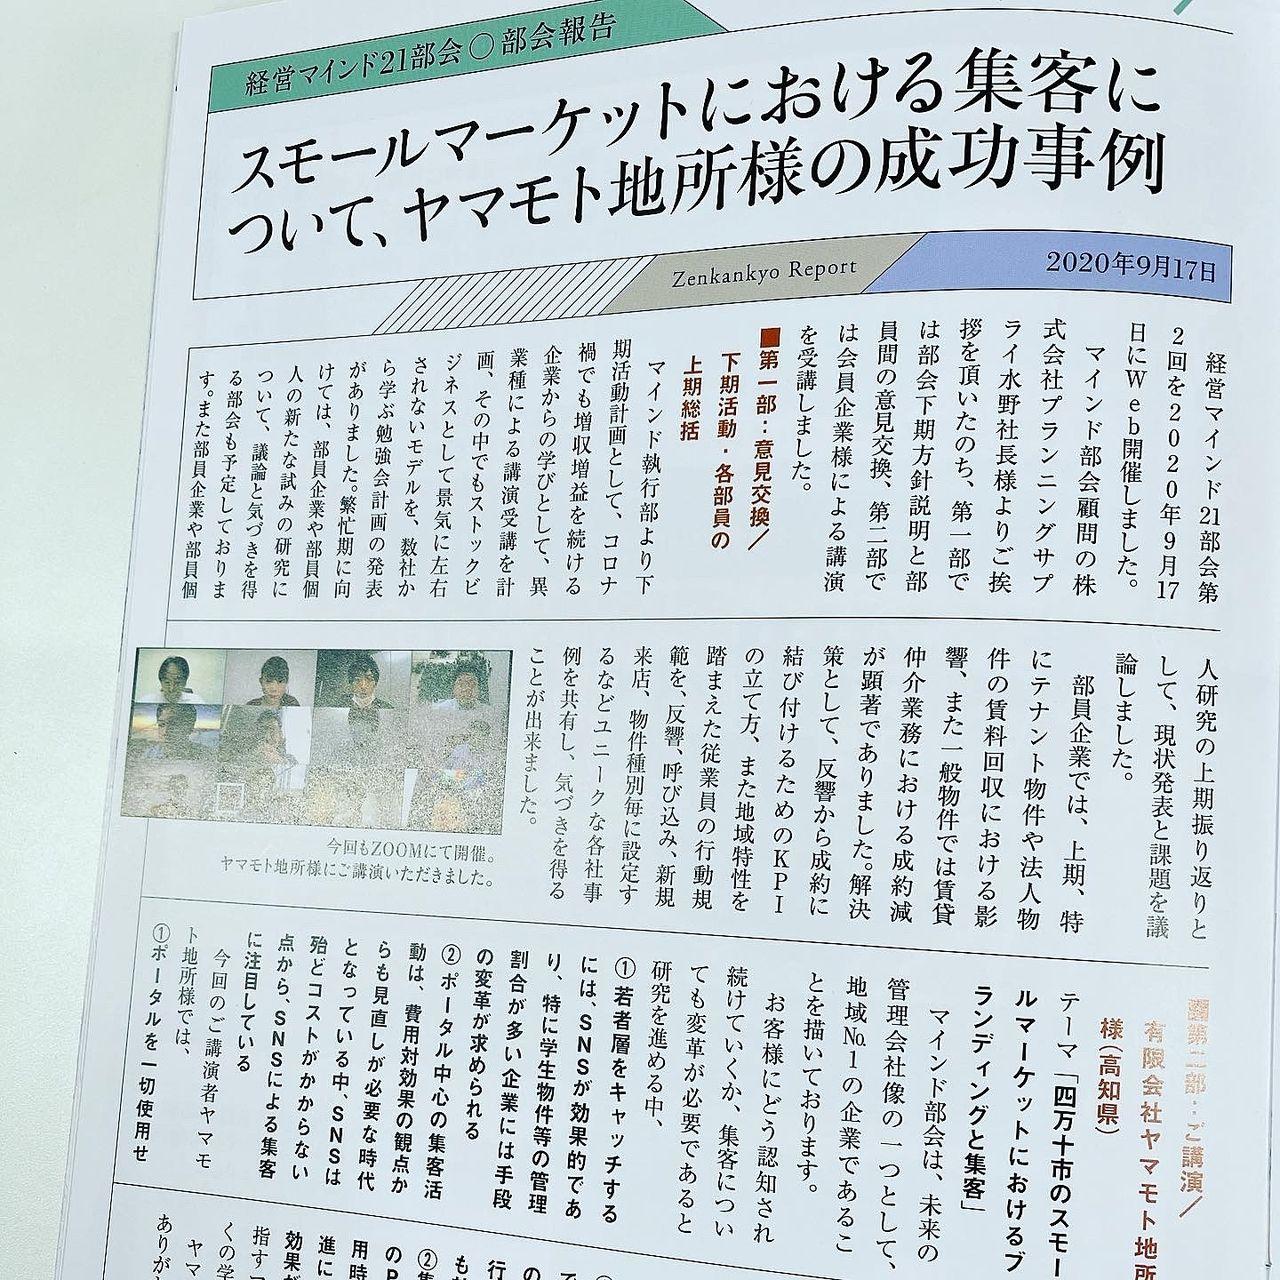 スモールマーケットにおける集客について、ヤマモト地所の成功事例の記事